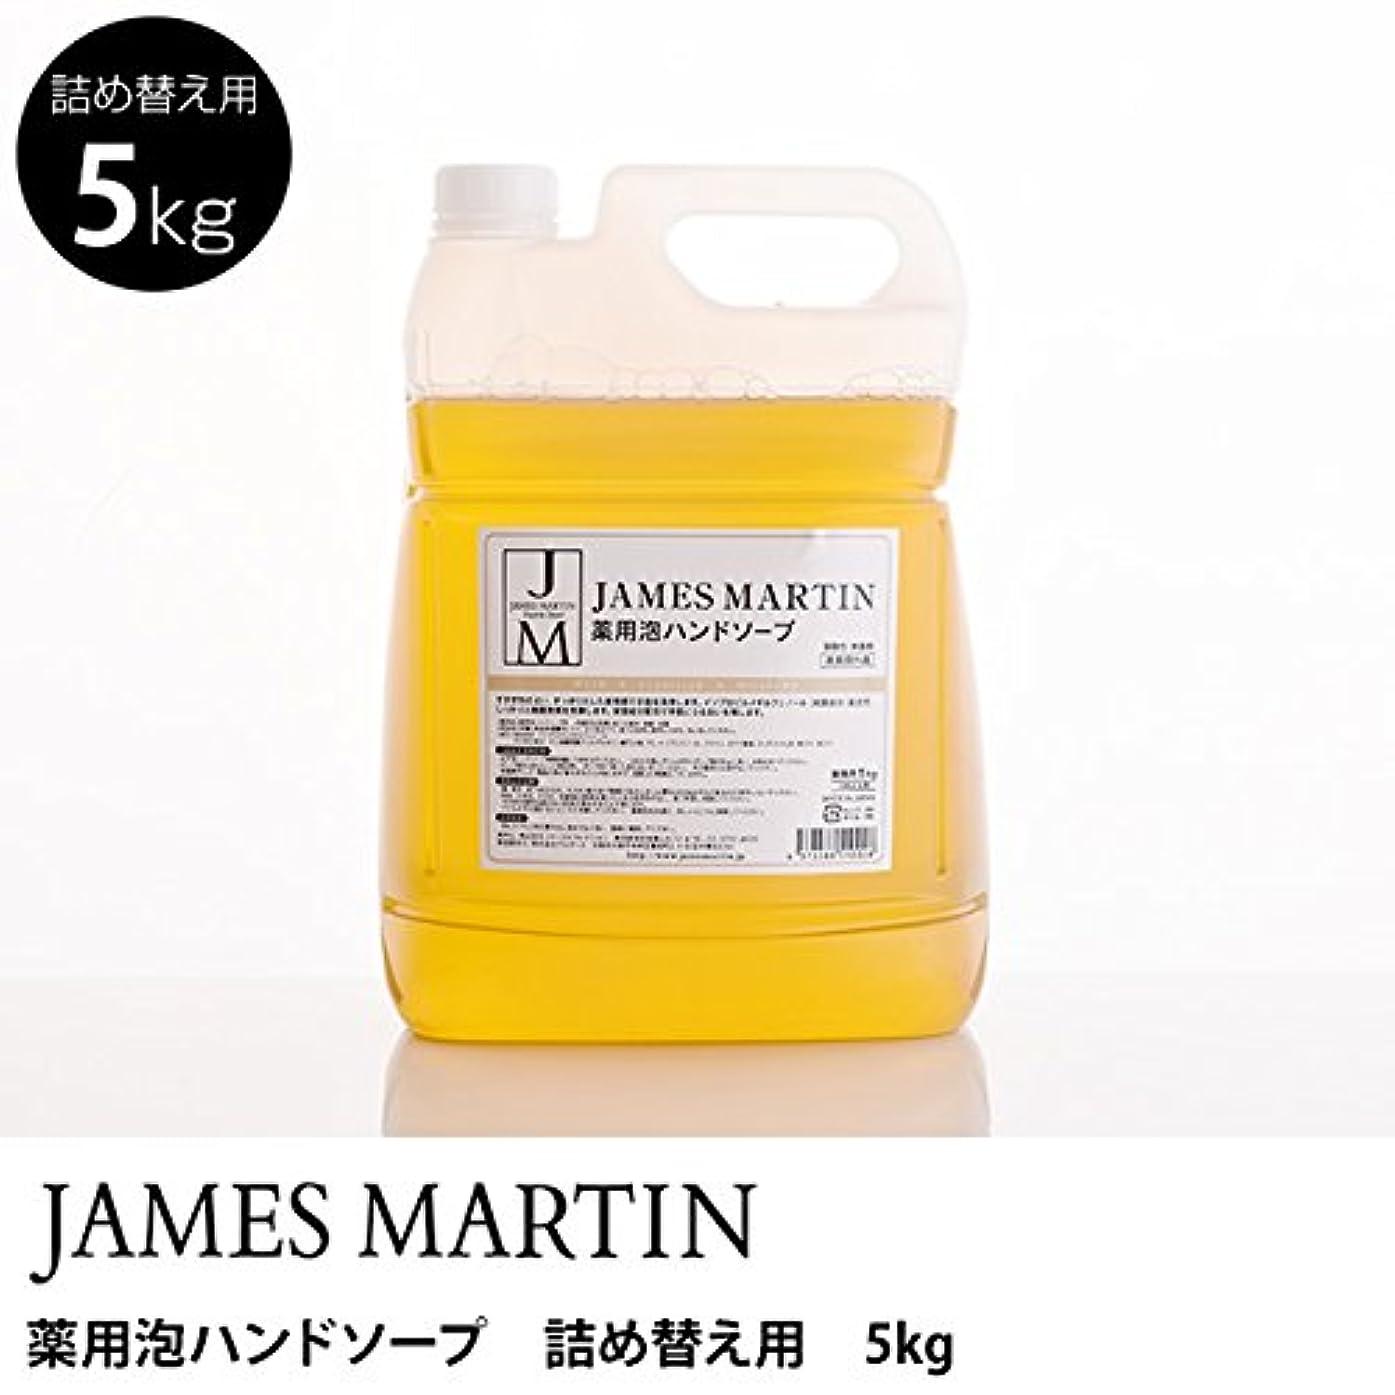 冒険者申し立てるスイス人ジェームズマーティン 薬用泡ハンドソープ(無香料) 詰替用 5kg